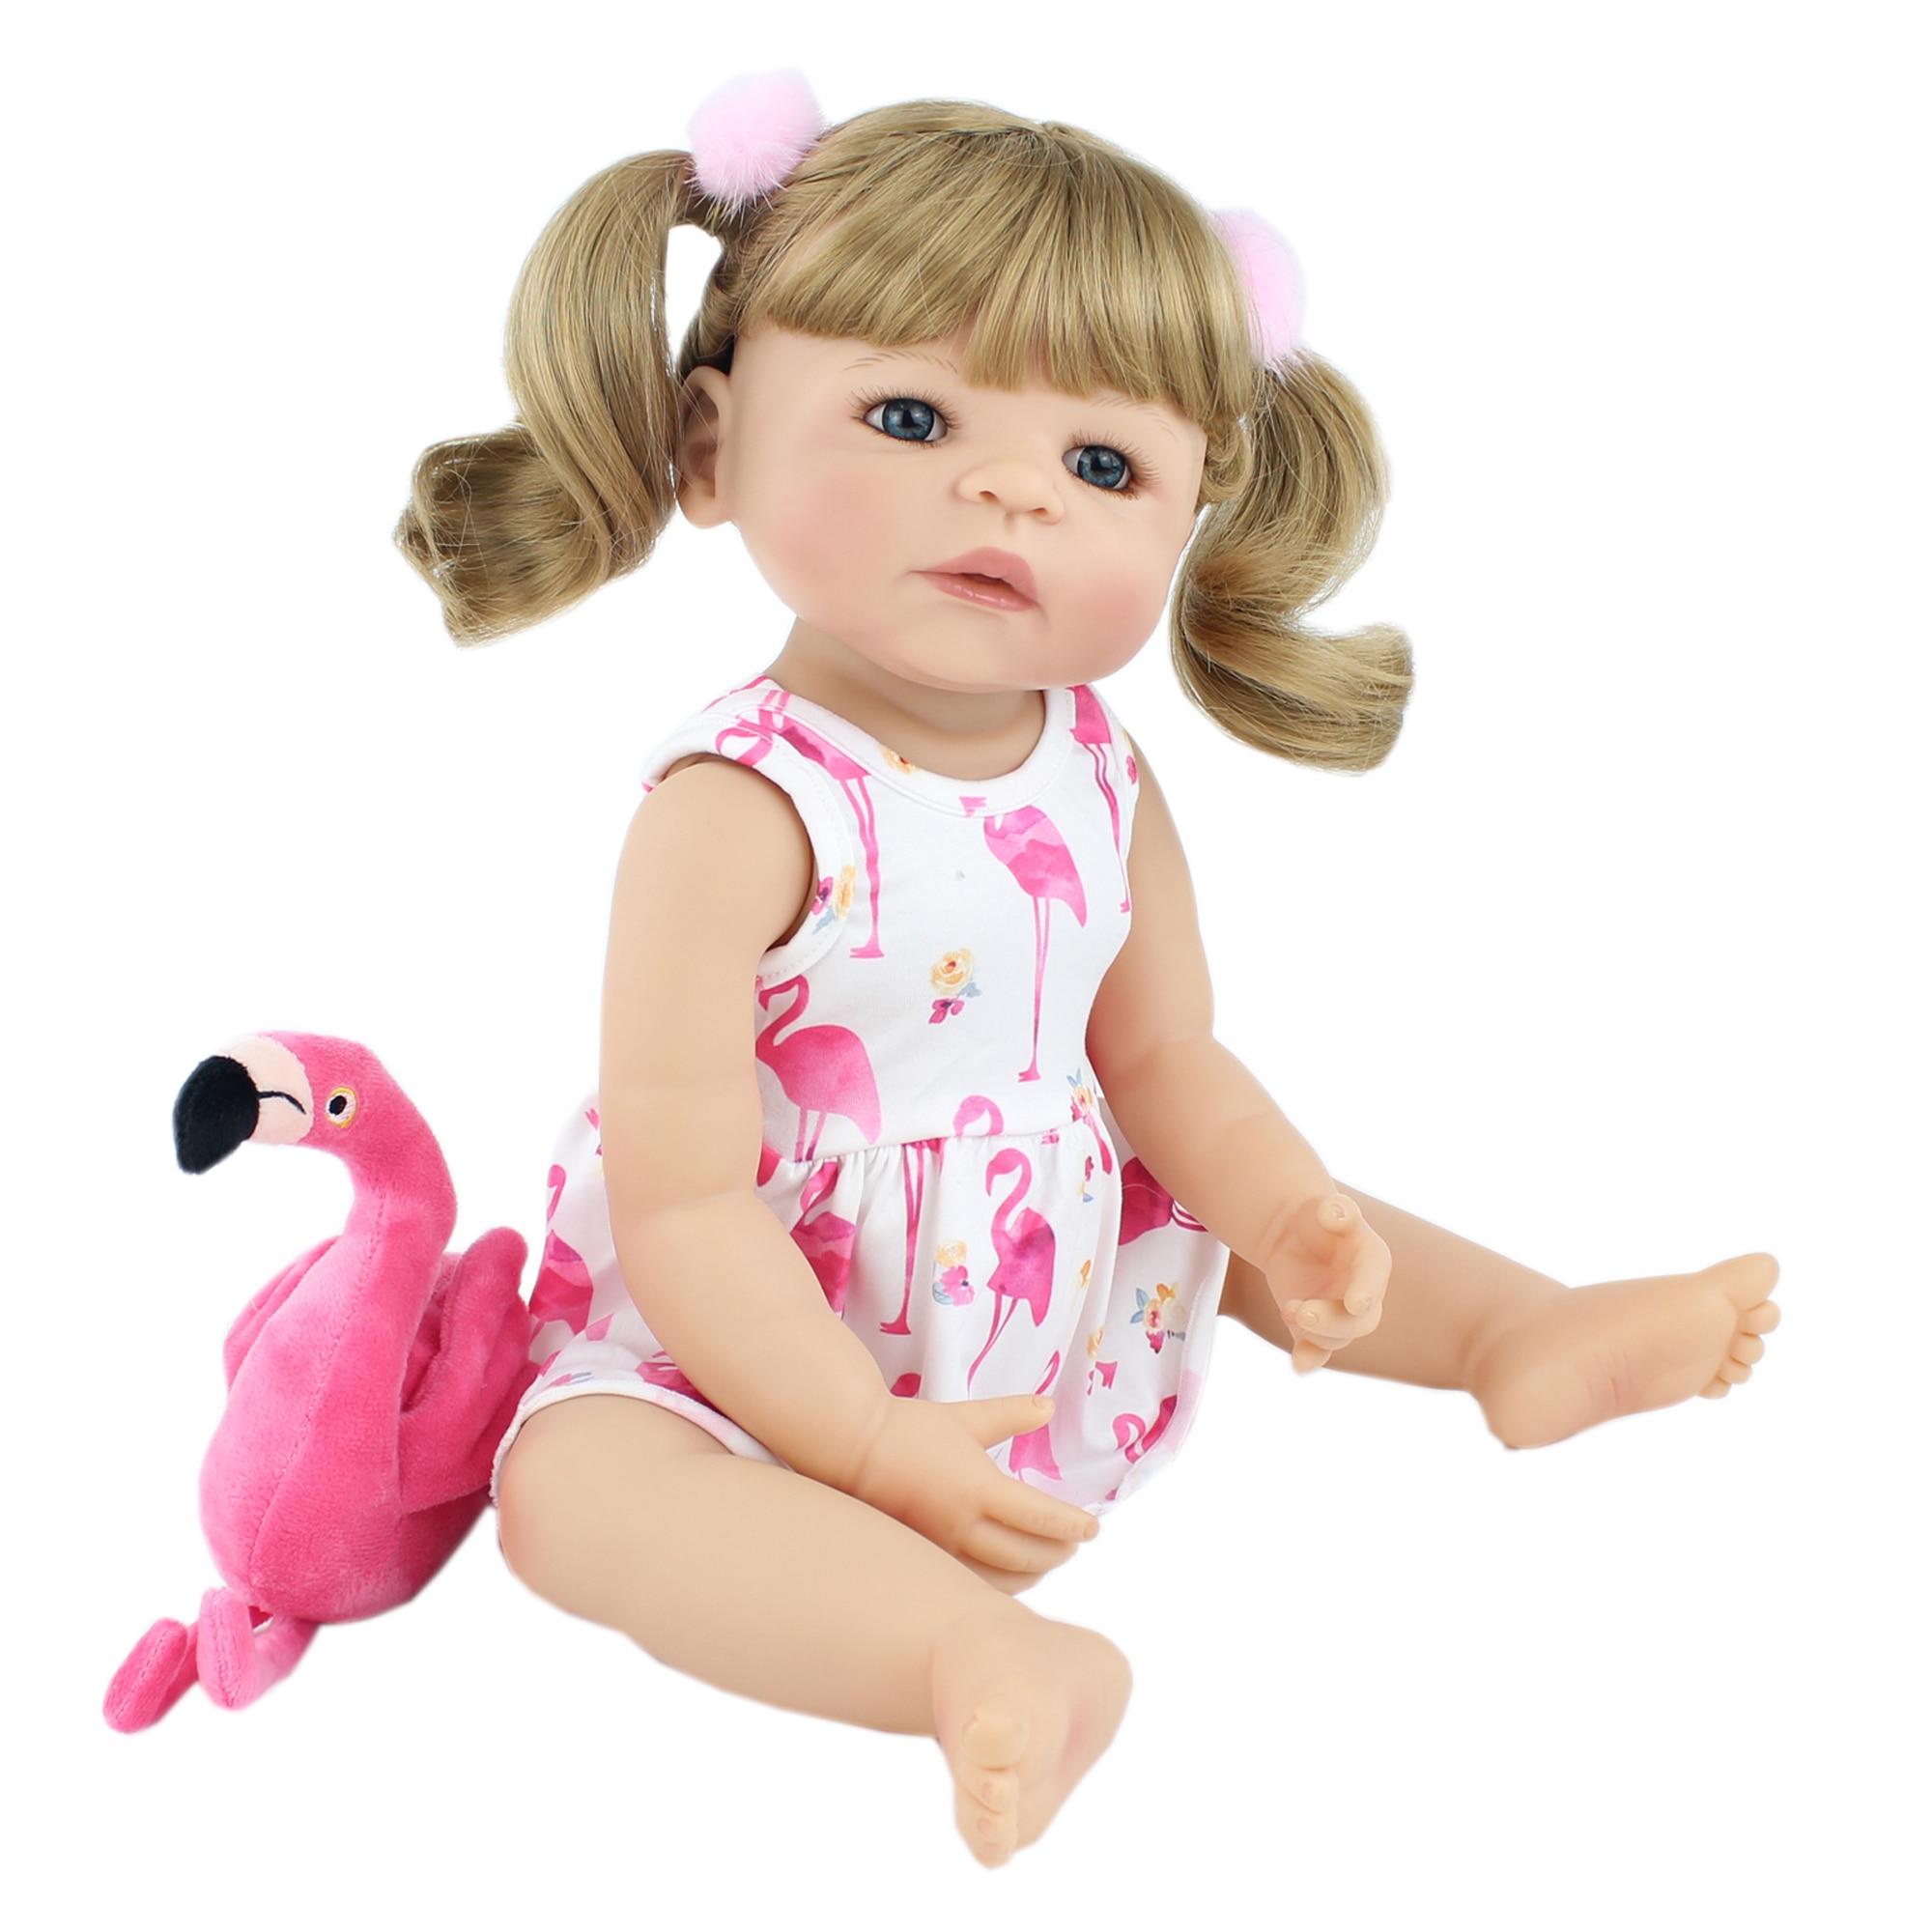 55cm plein Silicone Reborn bébé poupée jouet pour fille Blonde princesse bambin vivant bébés réaliste classique Boneca jouer maison jouet